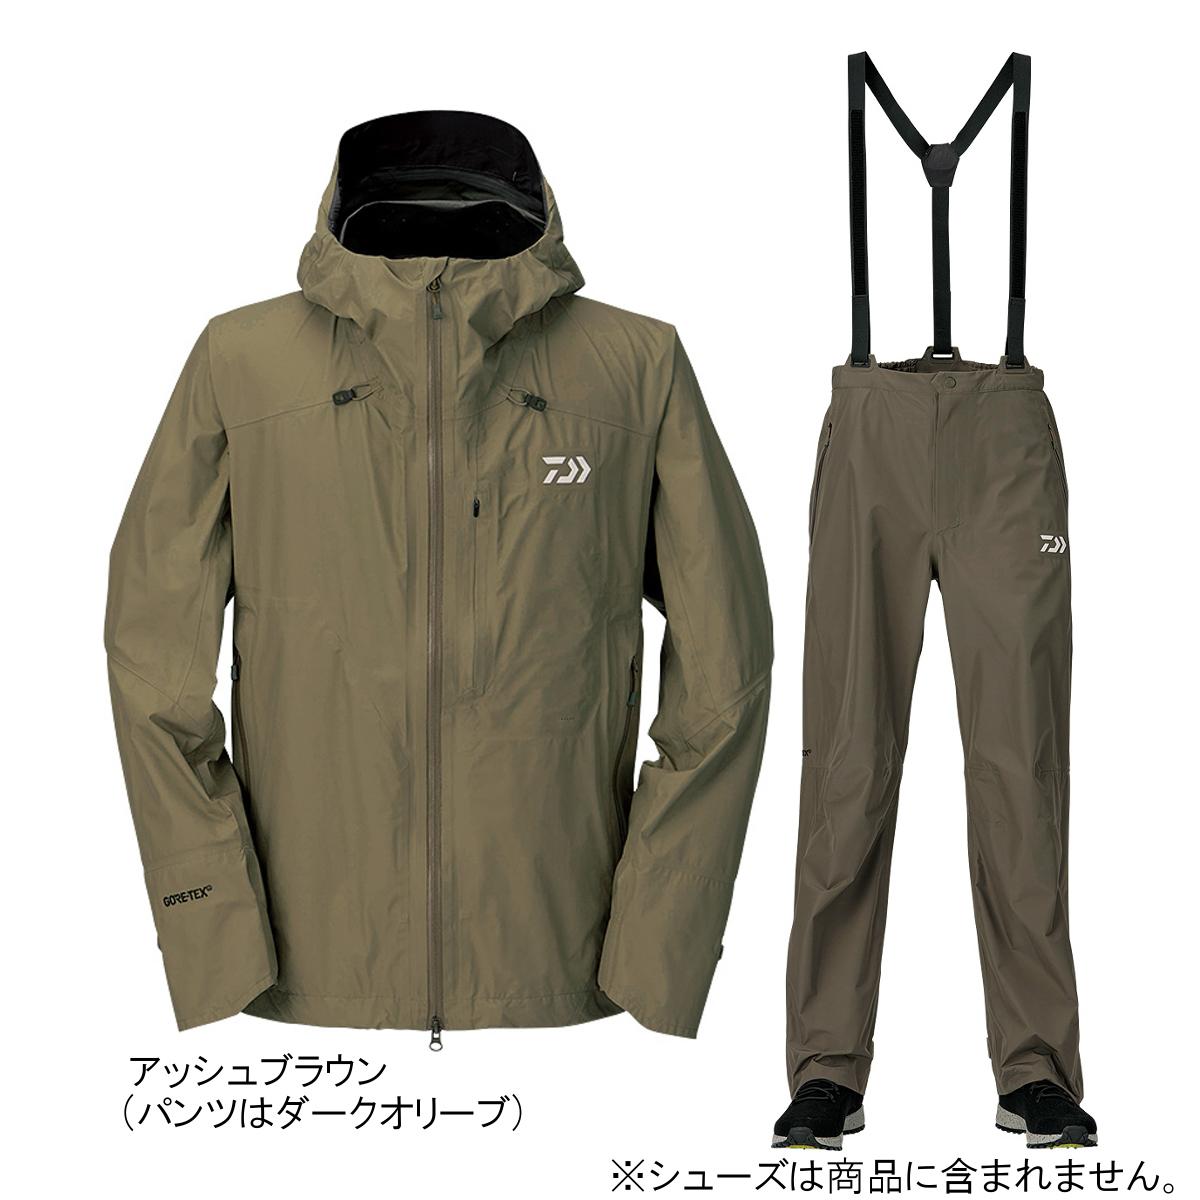 ダイワ ゴアテックス パックライトプラス レインスーツ DR-16009 M アッシュブラウン(東日本店)